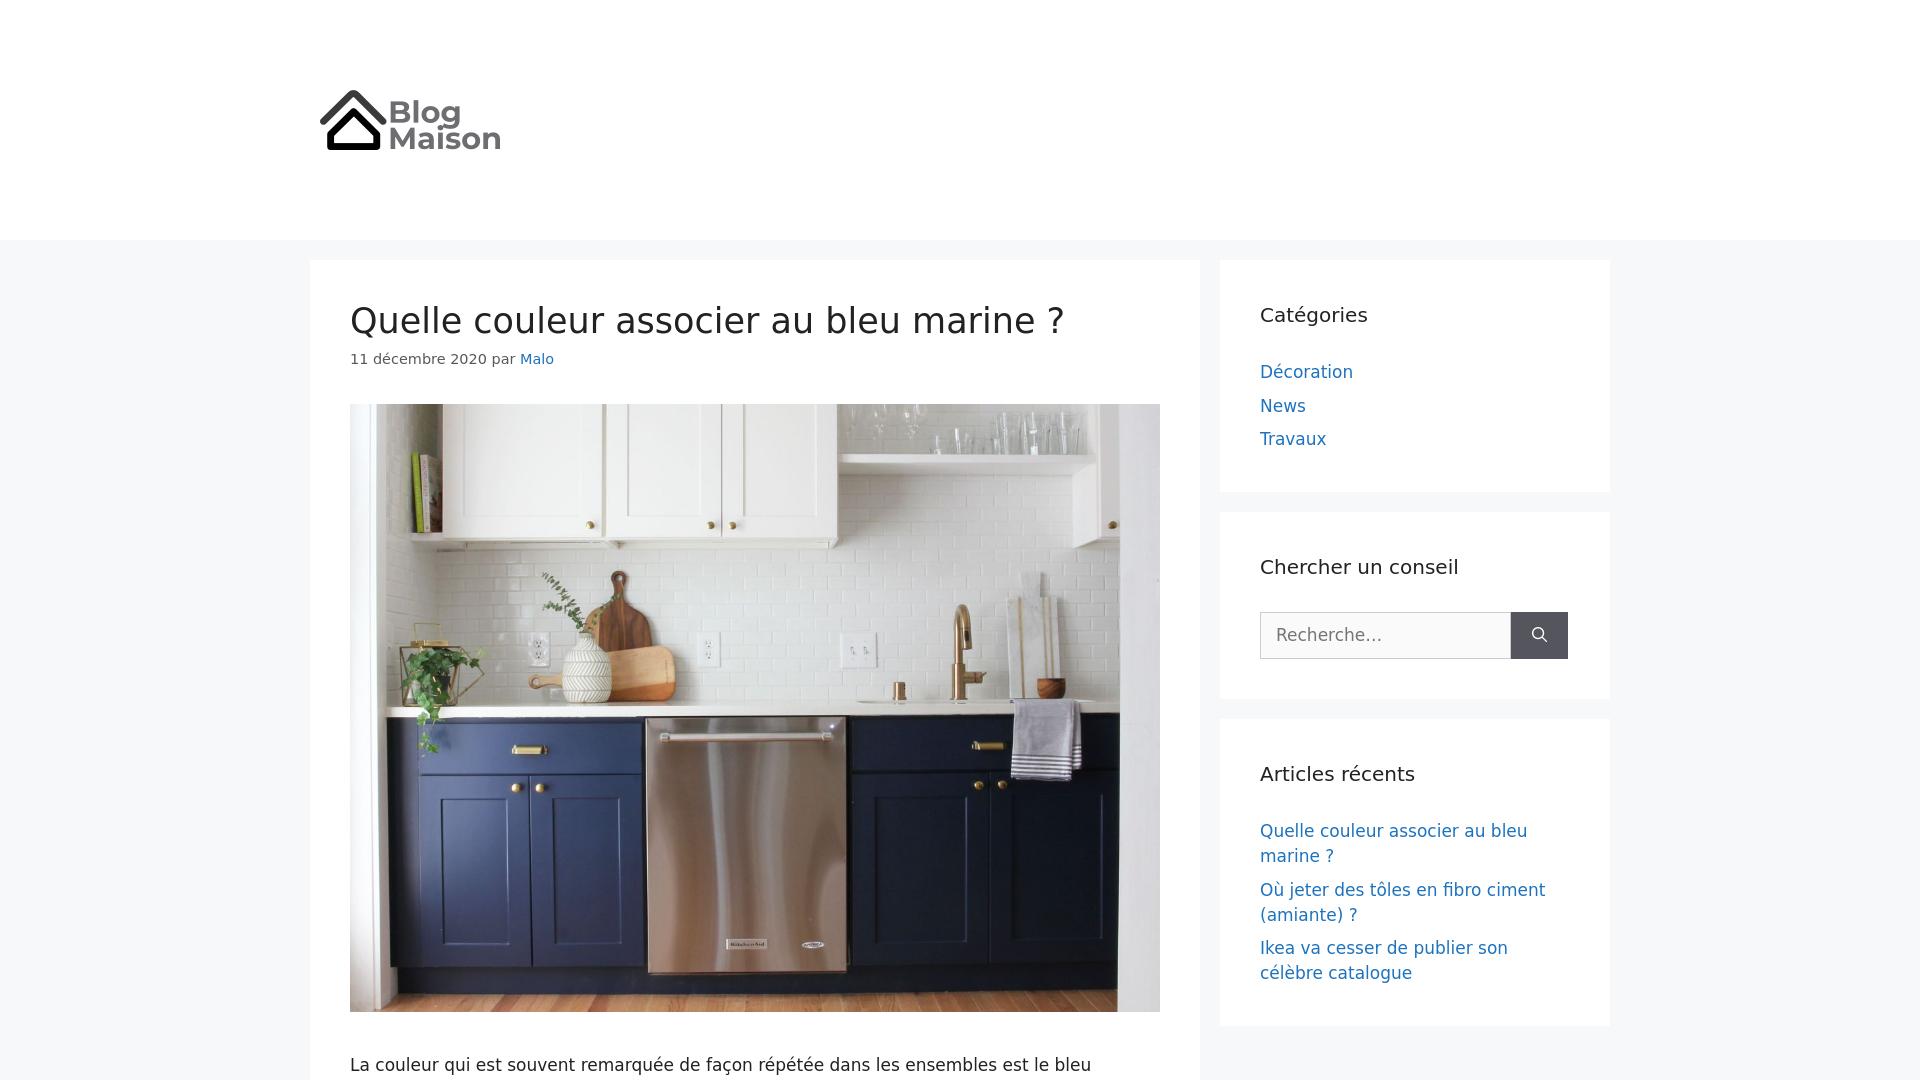 cc-saintmalodelalande.fr